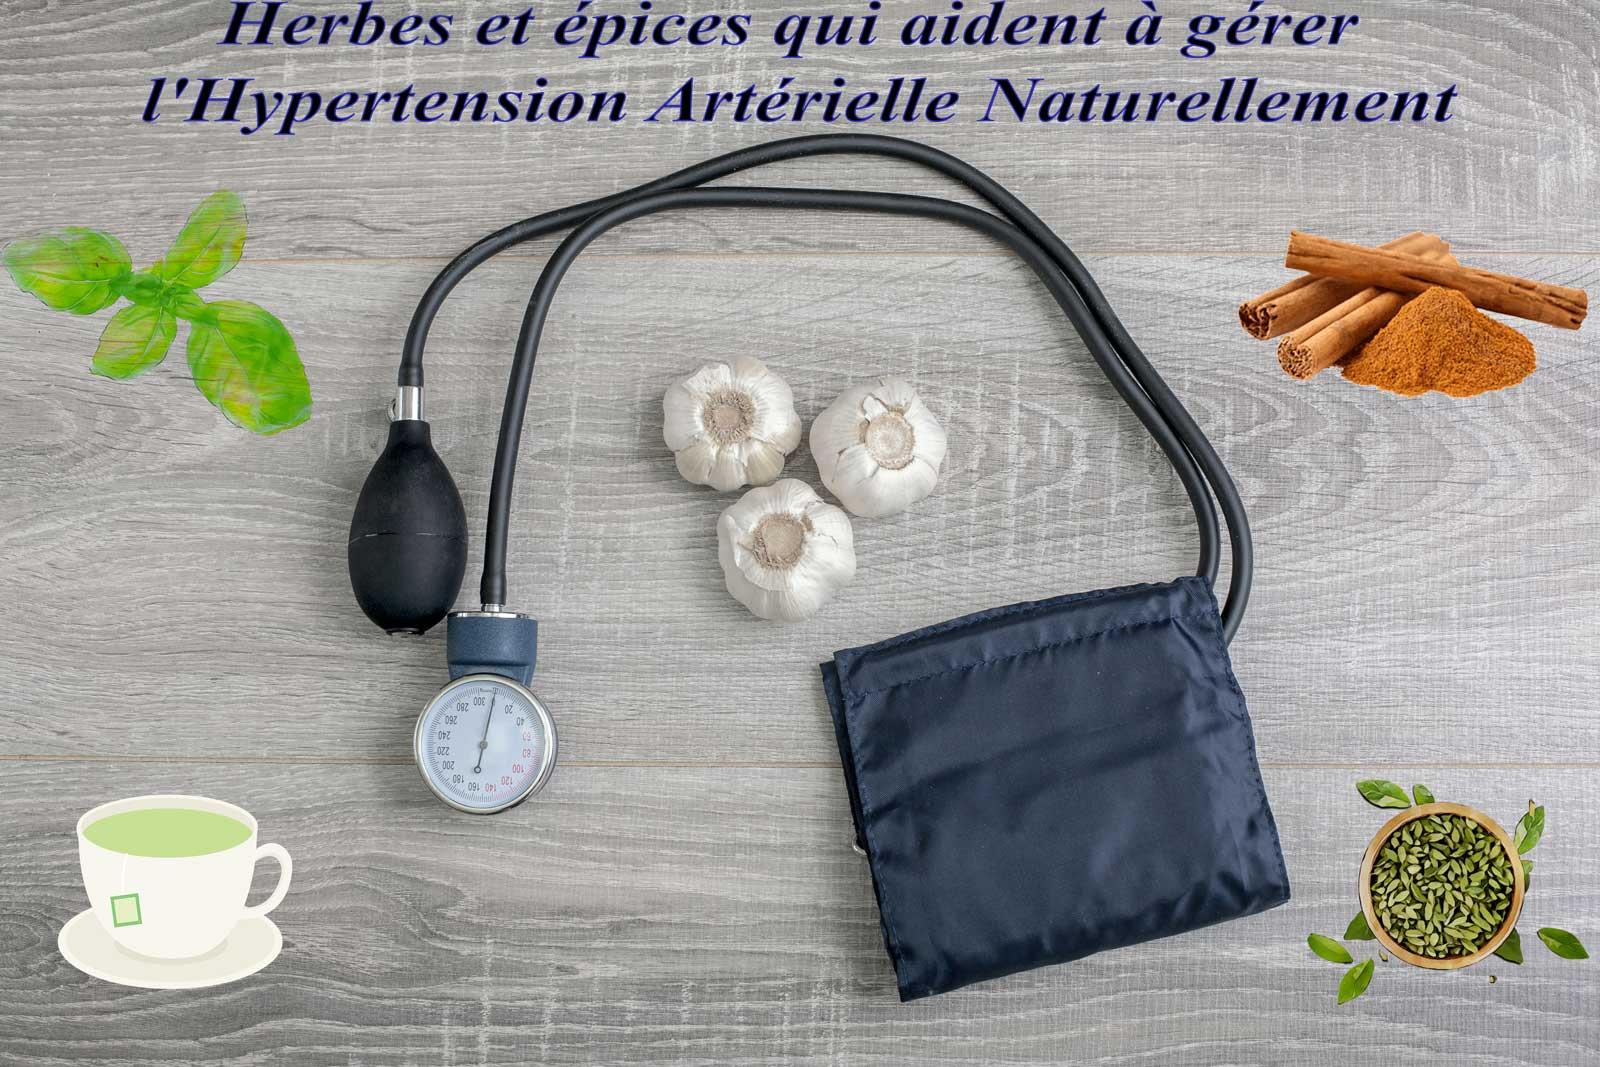 Herbes et épices qui aident à gérer l'hypertension artérielle naturellement